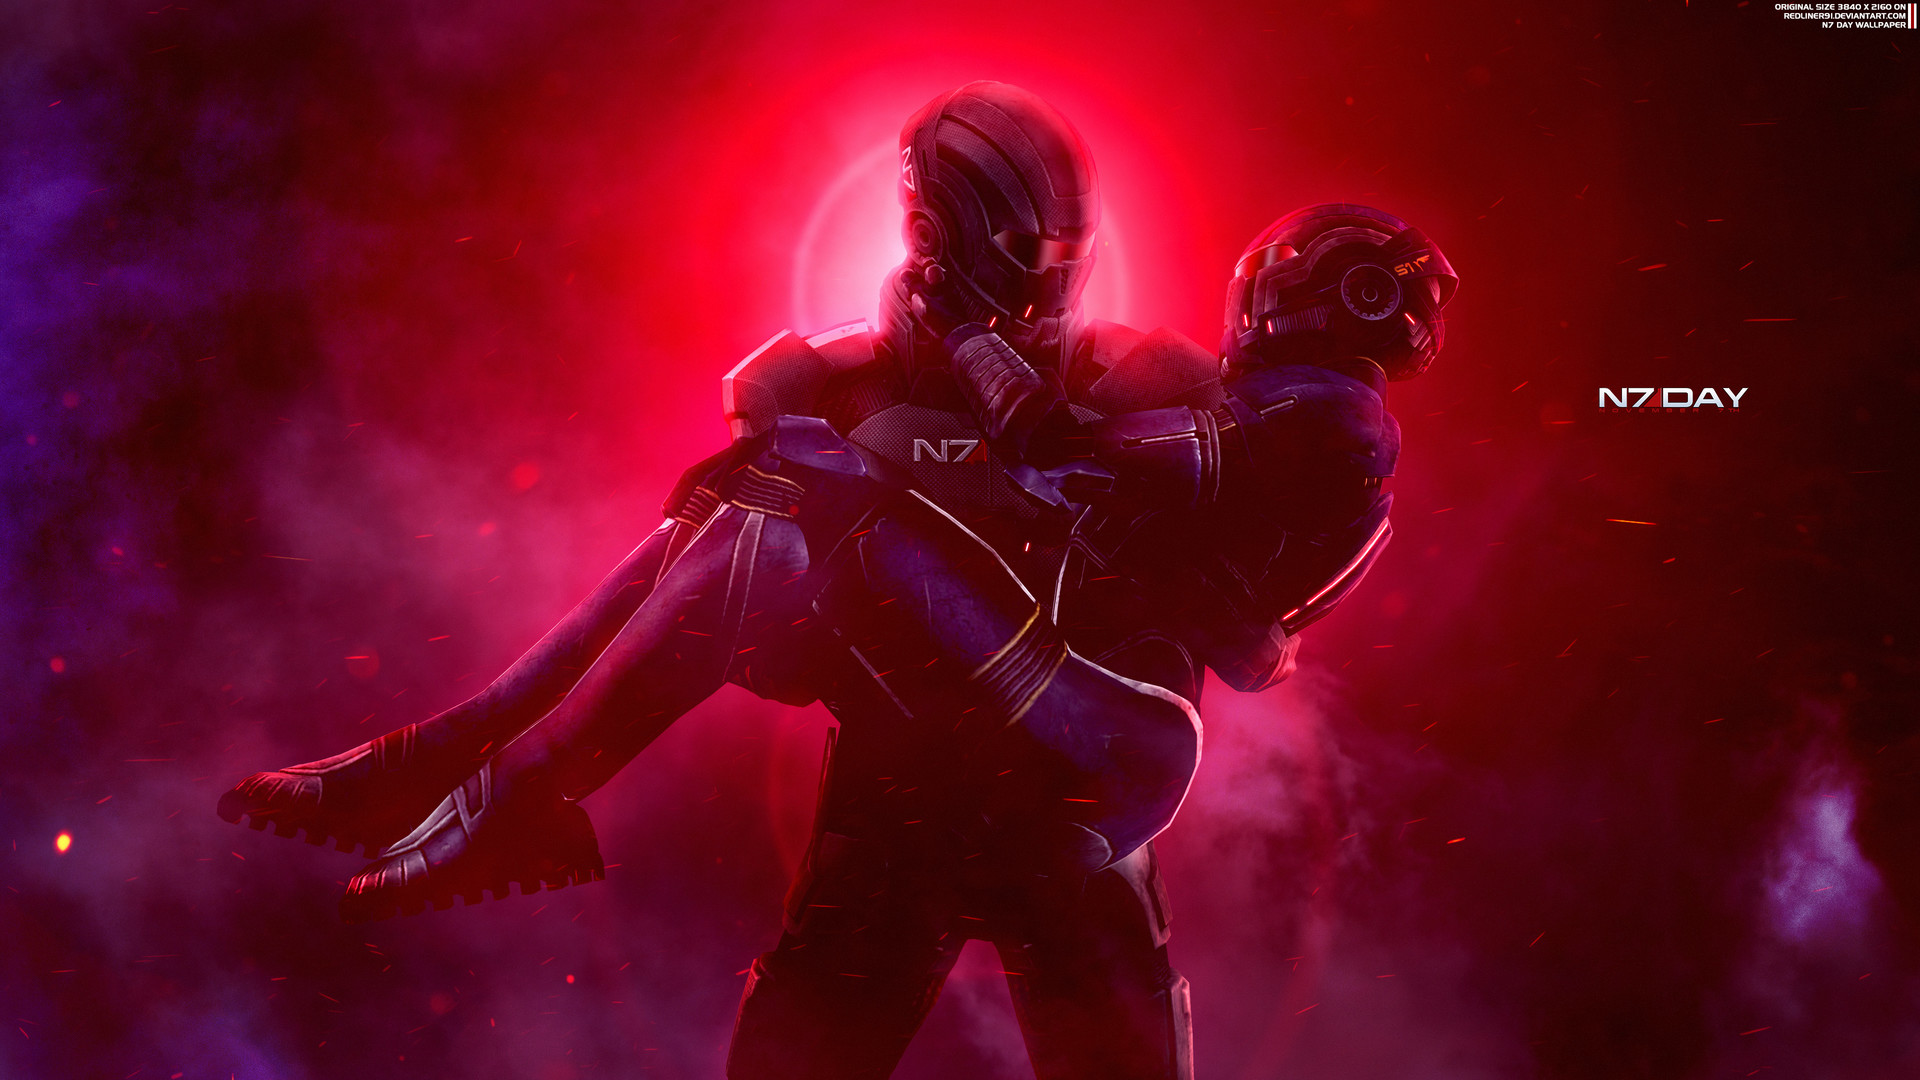 Artstation Together Mass Effect N7 Day Wallpaper 4k Alexander